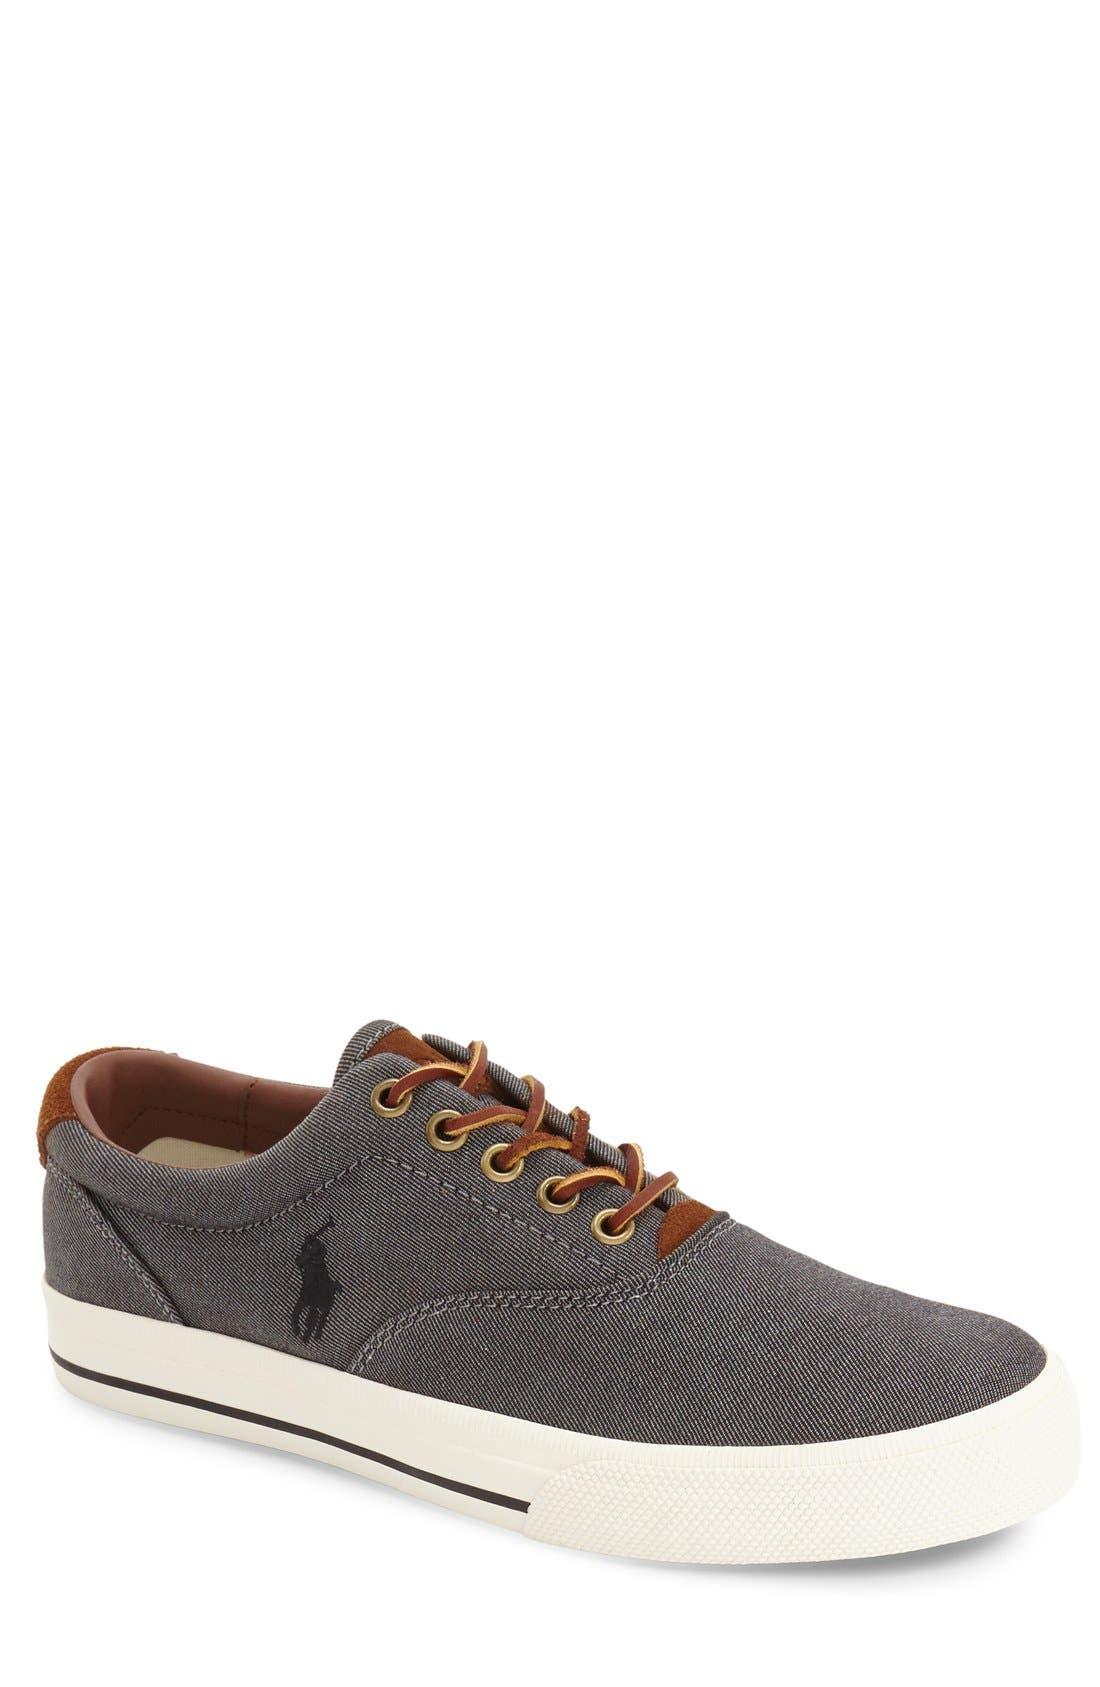 Vaughn Sneaker,                         Main,                         color, 001